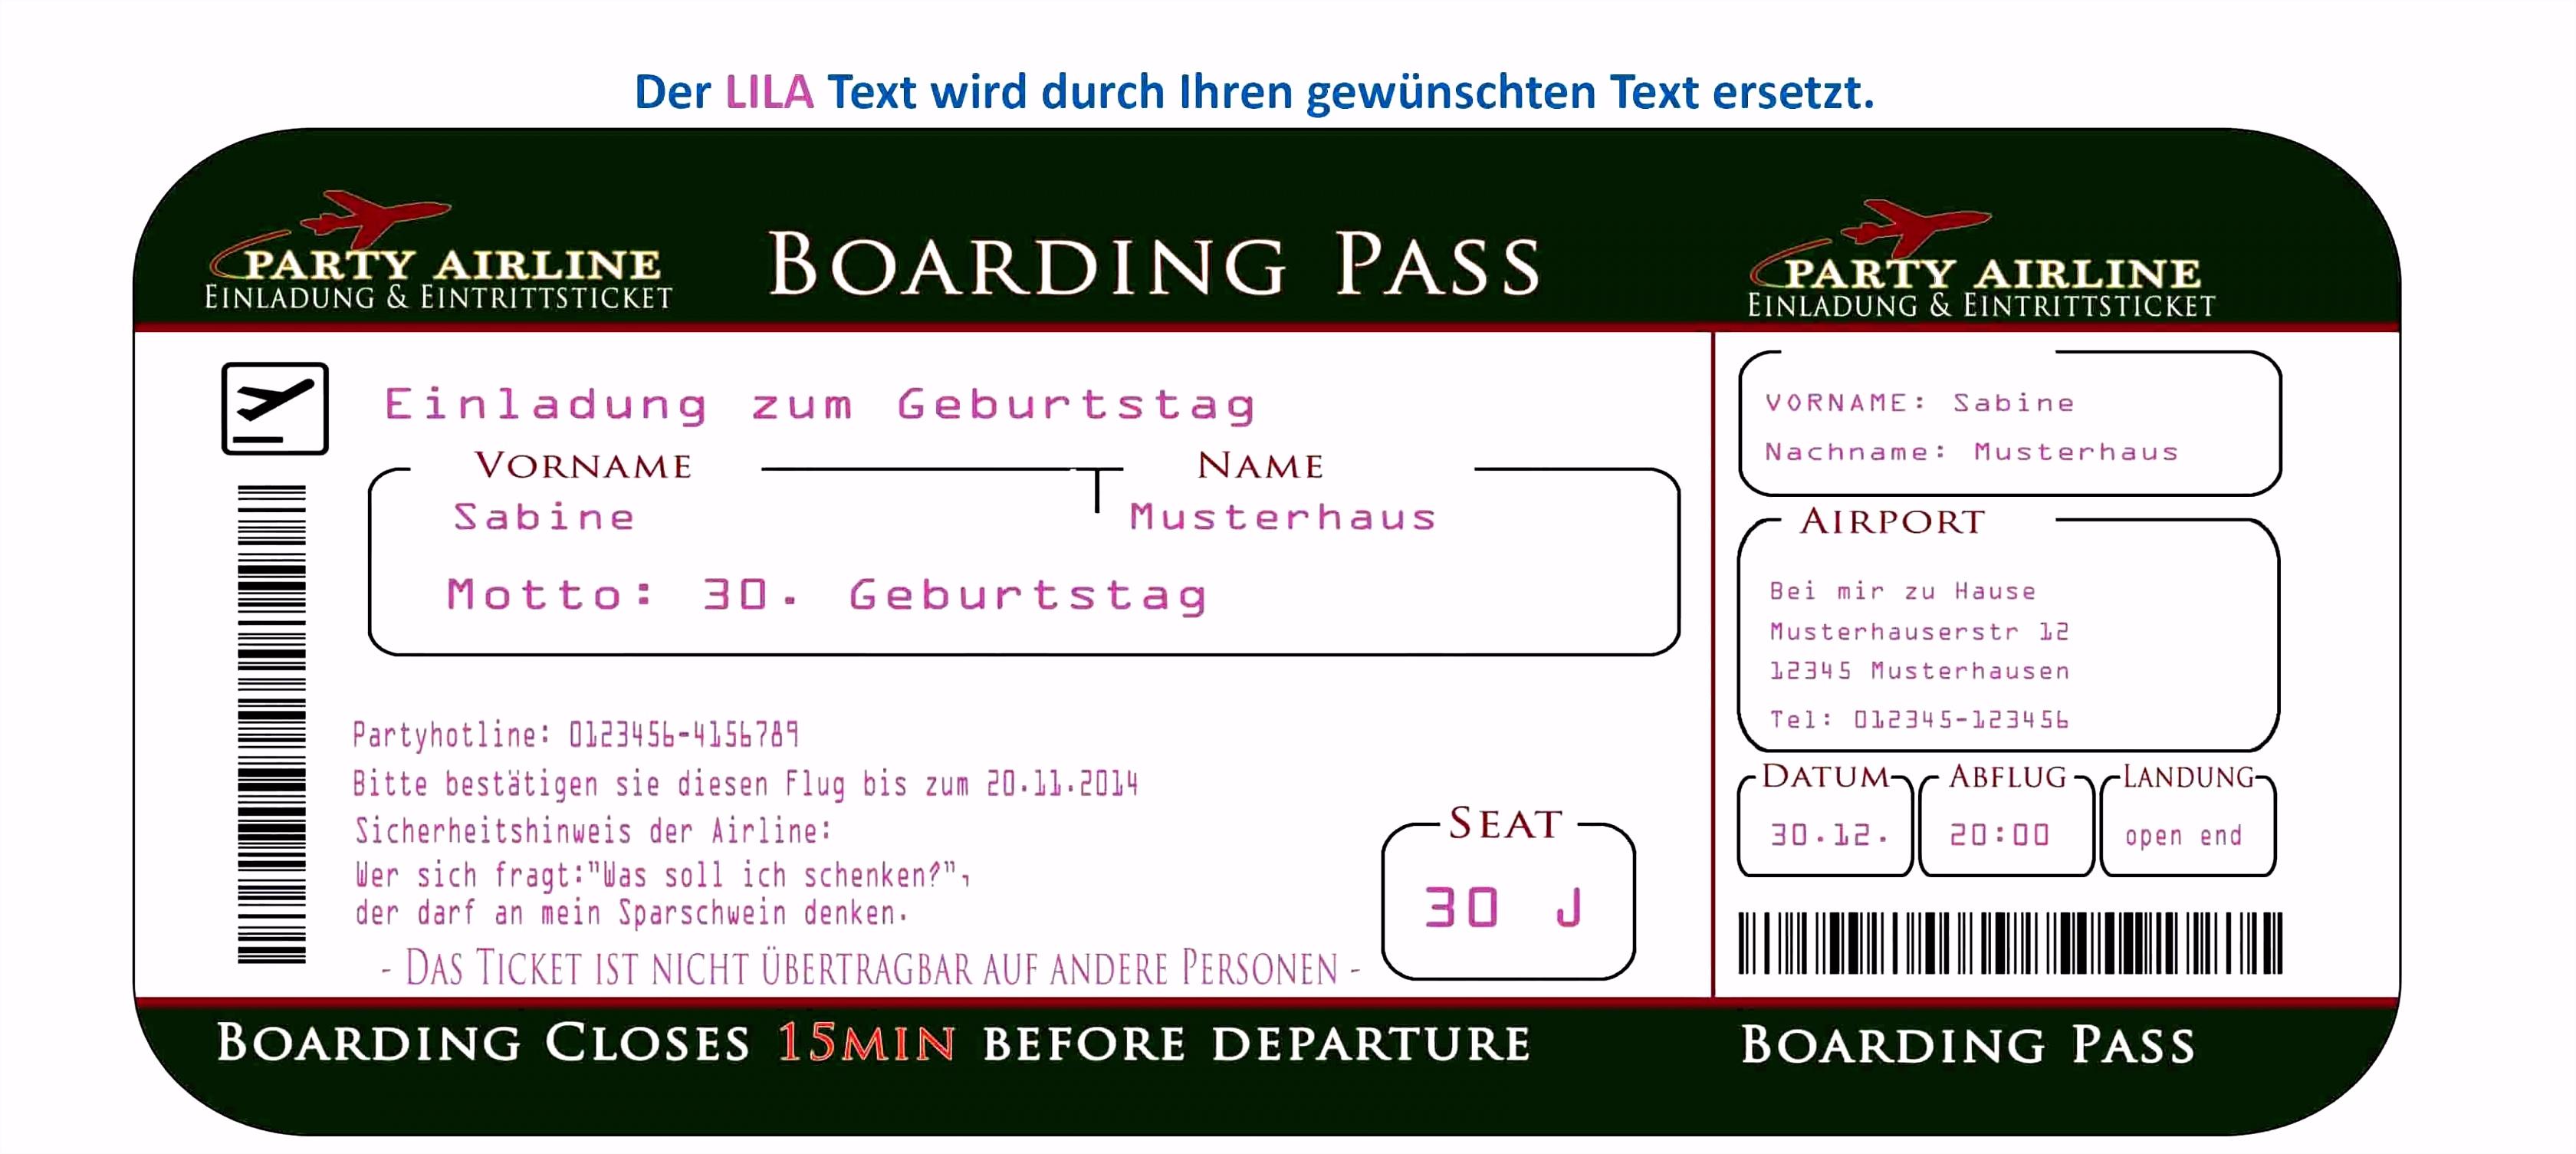 Einladung Polterhochzeit Vorlagen Vorlage Einladung Hochzeit Schön Einladungskarten Boarding Pass T2zr19qhg4 Wsys6hedg0